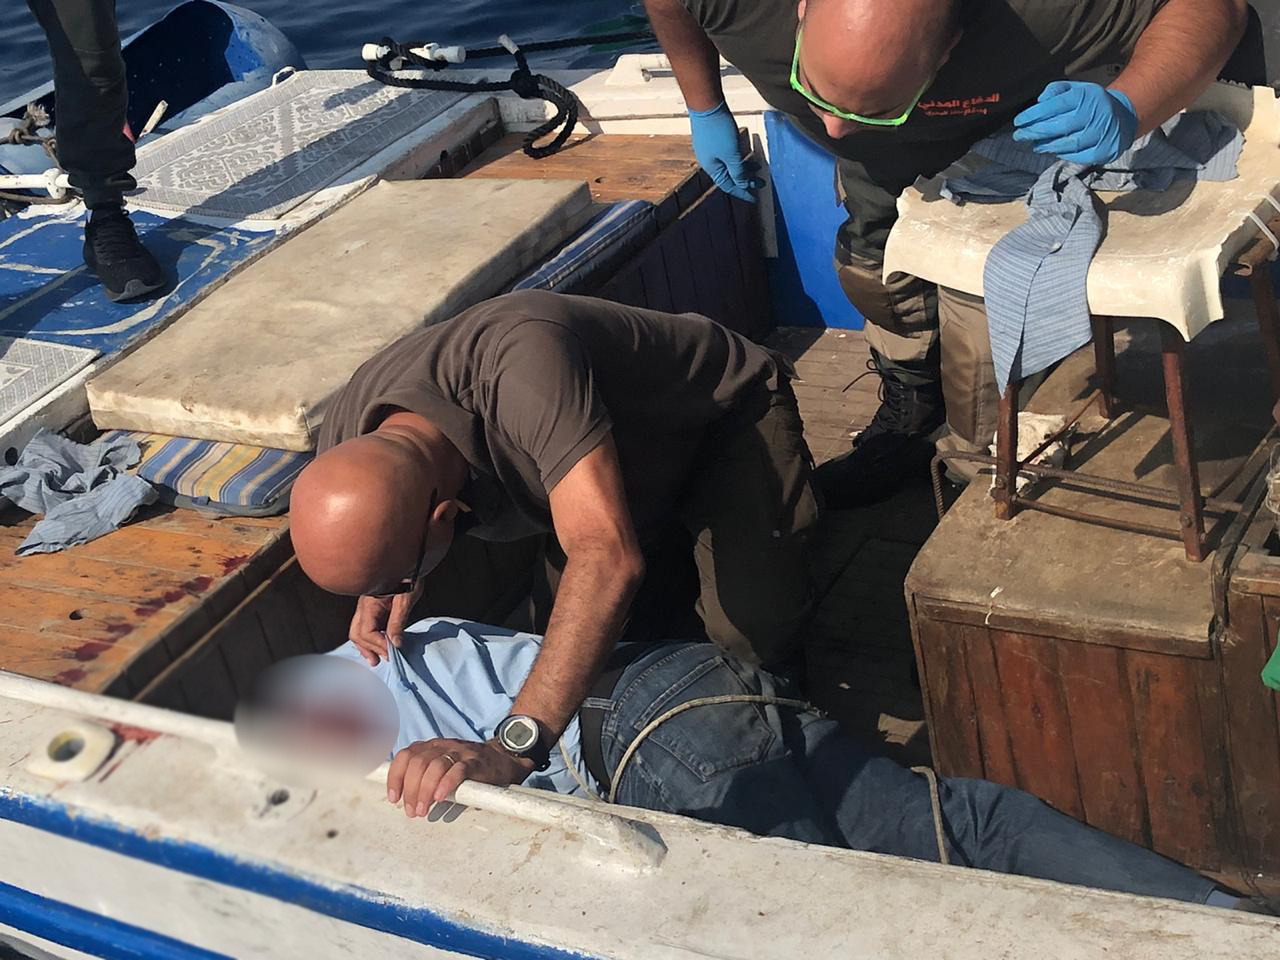 جوزيف عثر عليه جثة...مصاب بطلق ناري بفمه من مسدس حربي داخل زورق مخصص للصيد في الضبية